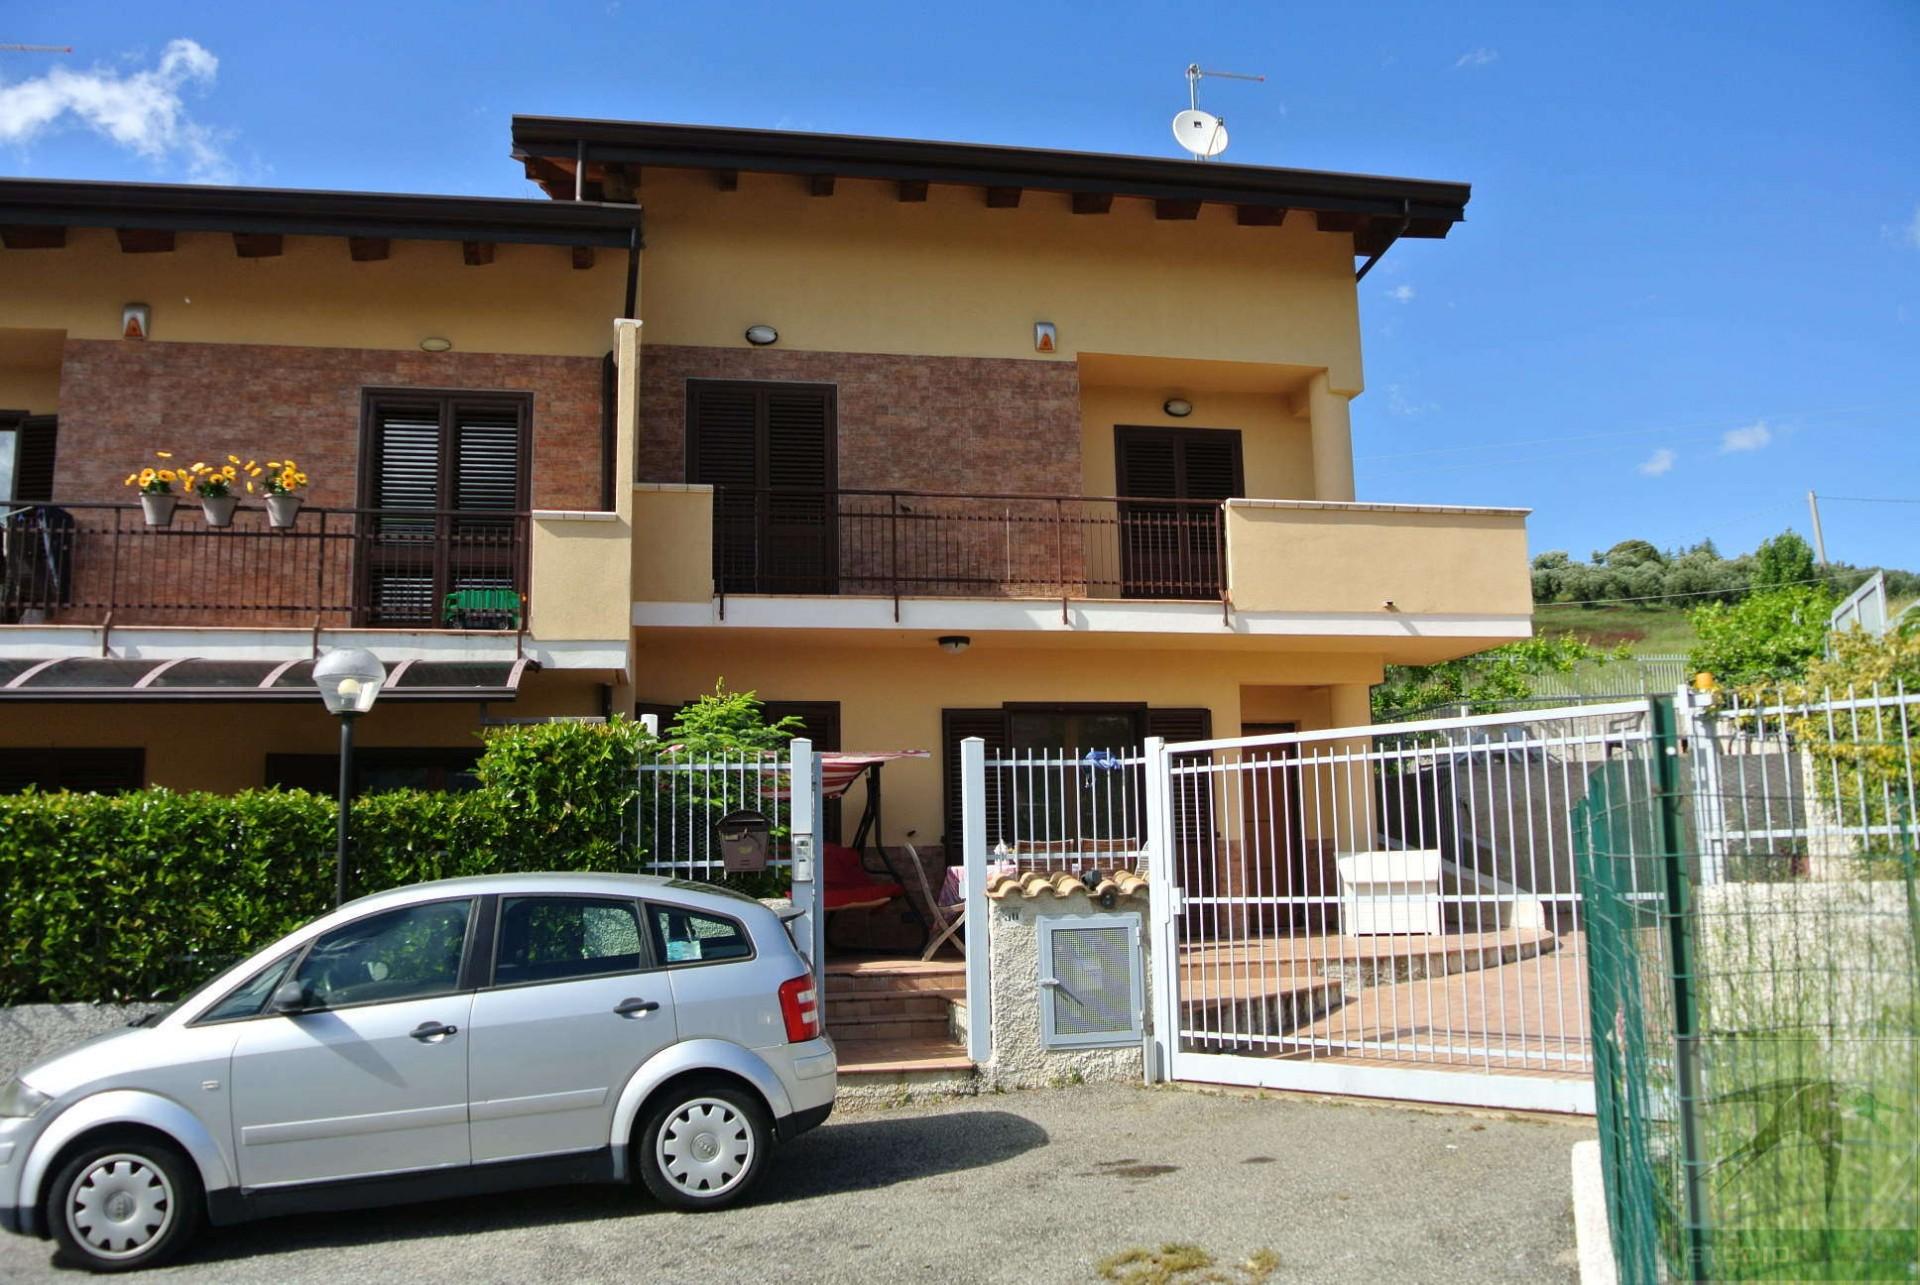 Villa in Vendita 160,00 mq - N. camere: 4 - - Rende - Rocchi-S.Stefano-Arcavacata (CS)